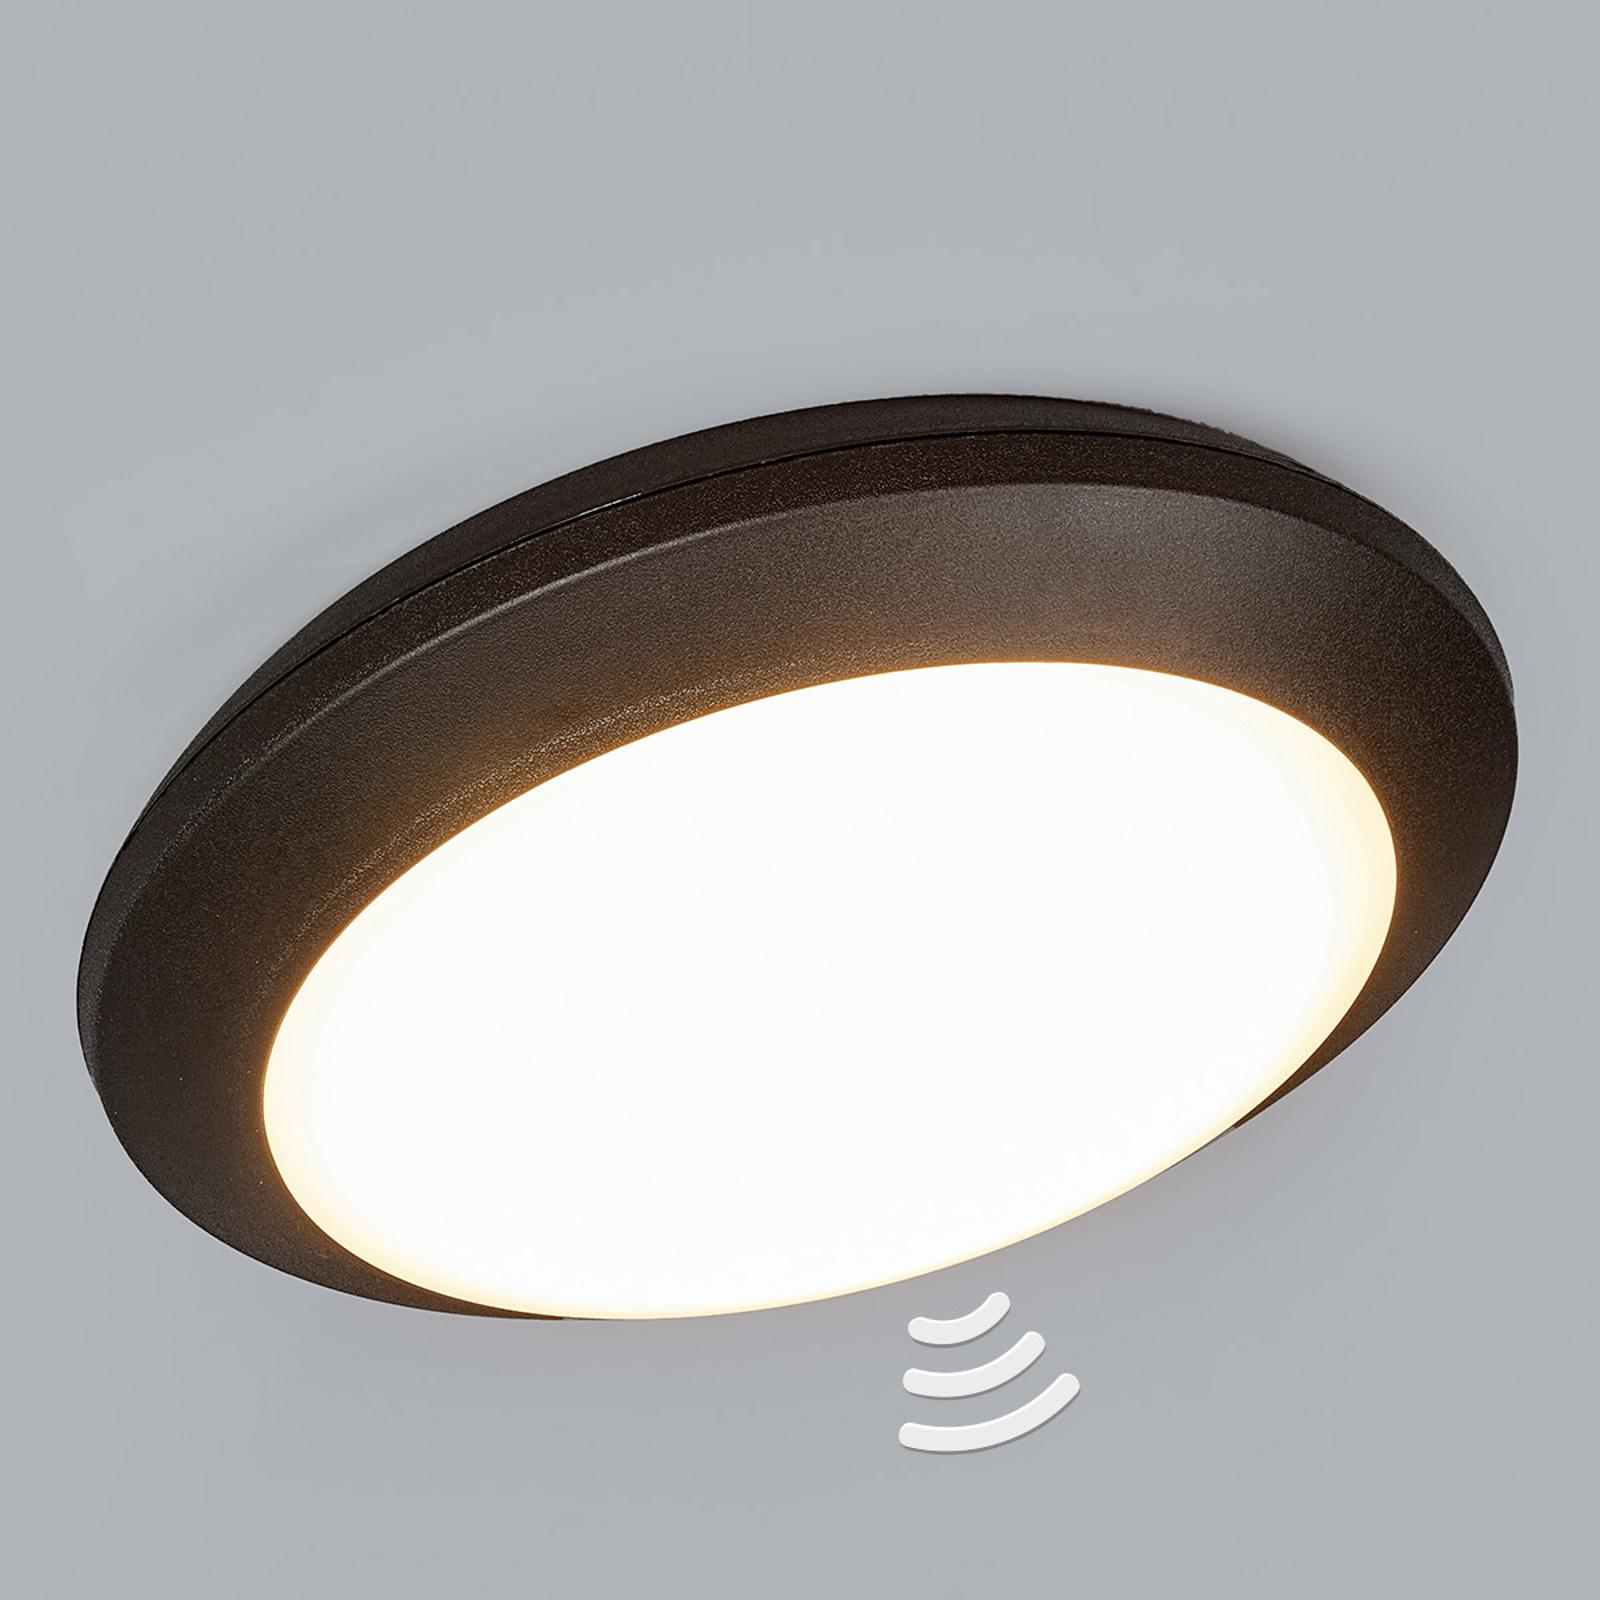 Černé stropní světlo Umberta 11W 3000K, detektor